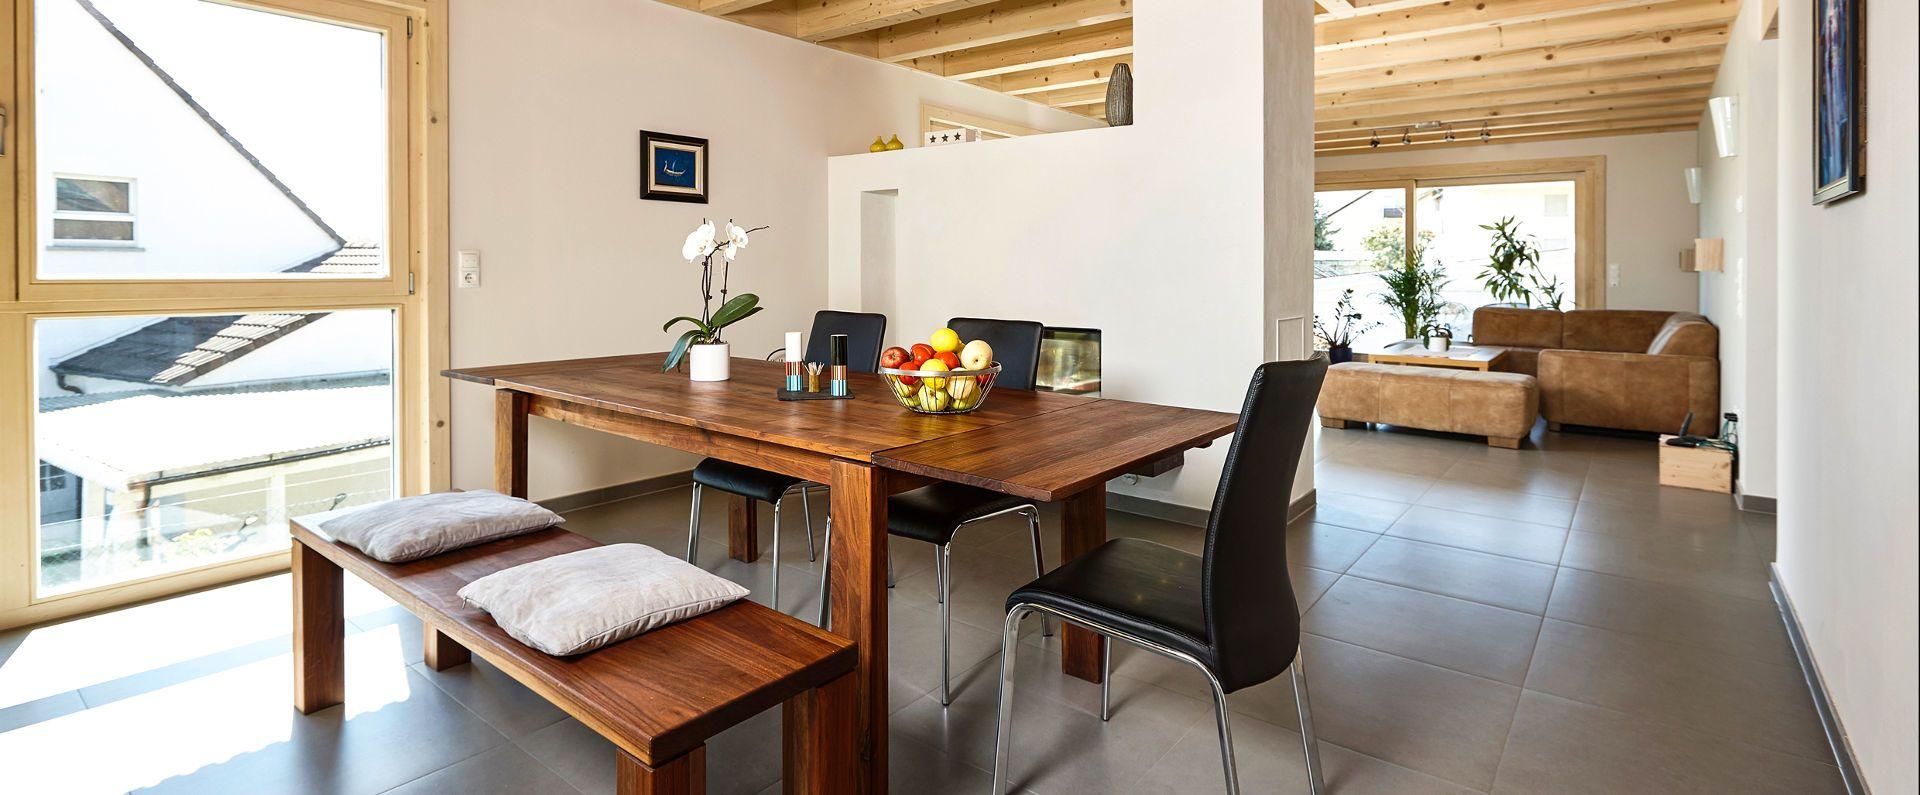 Wohnbereich im individuell gebauten Holzmauer-Haus